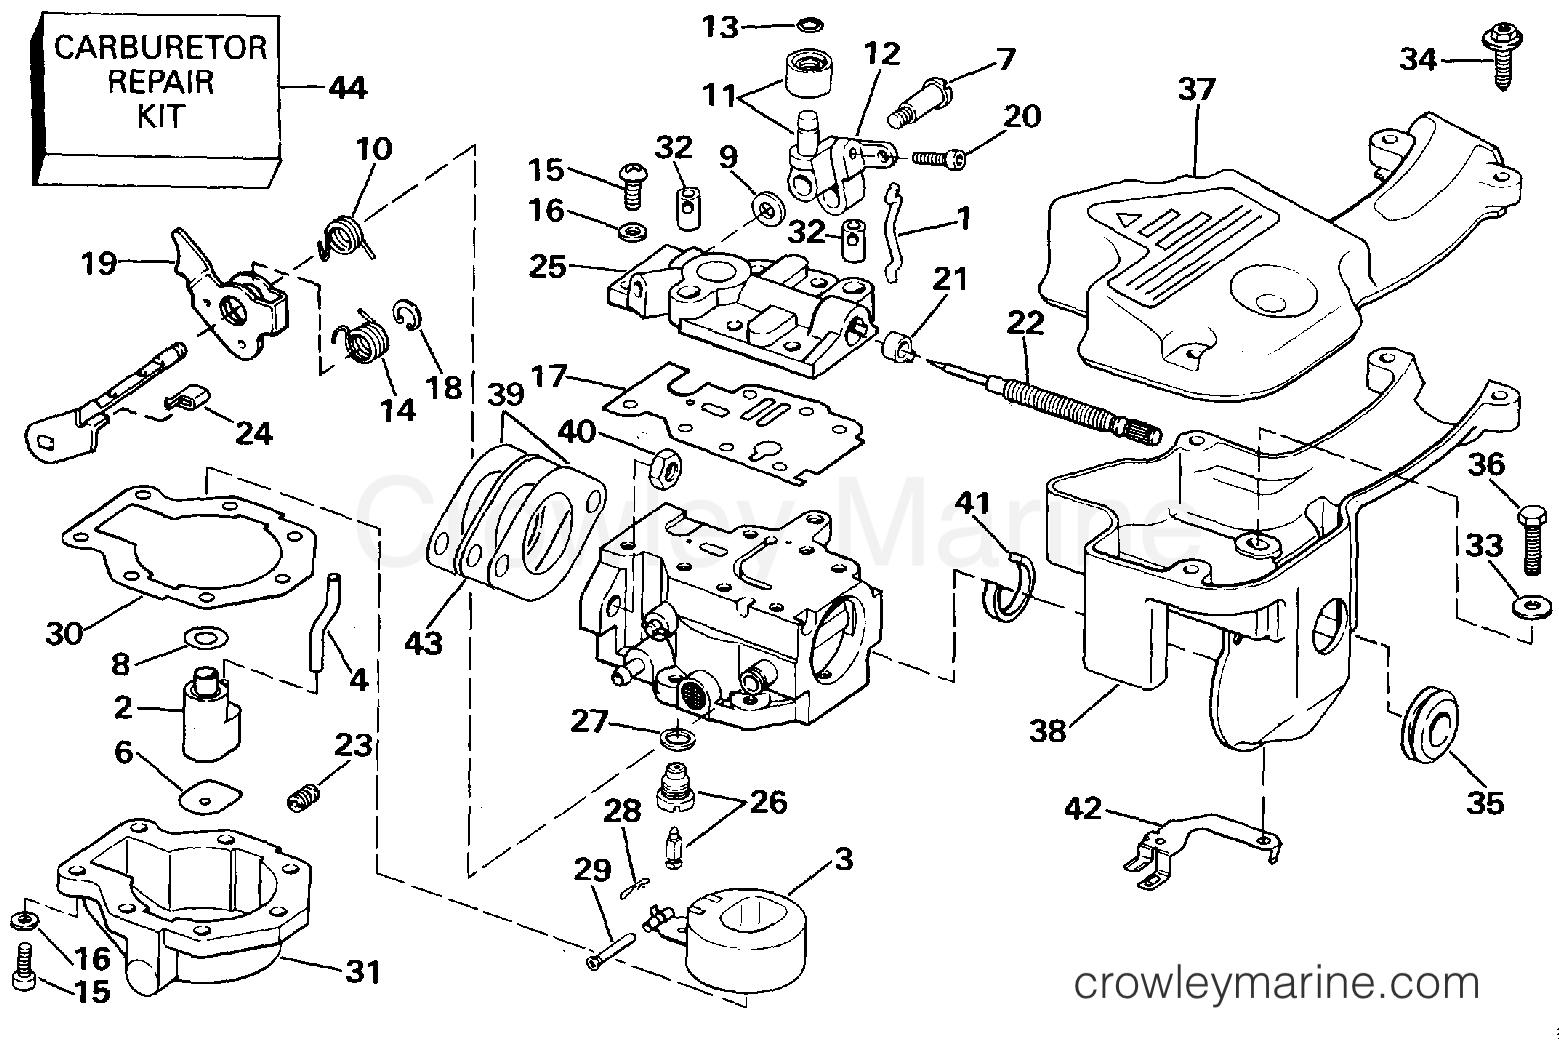 evinrude parts diagram smartdraw diagrams